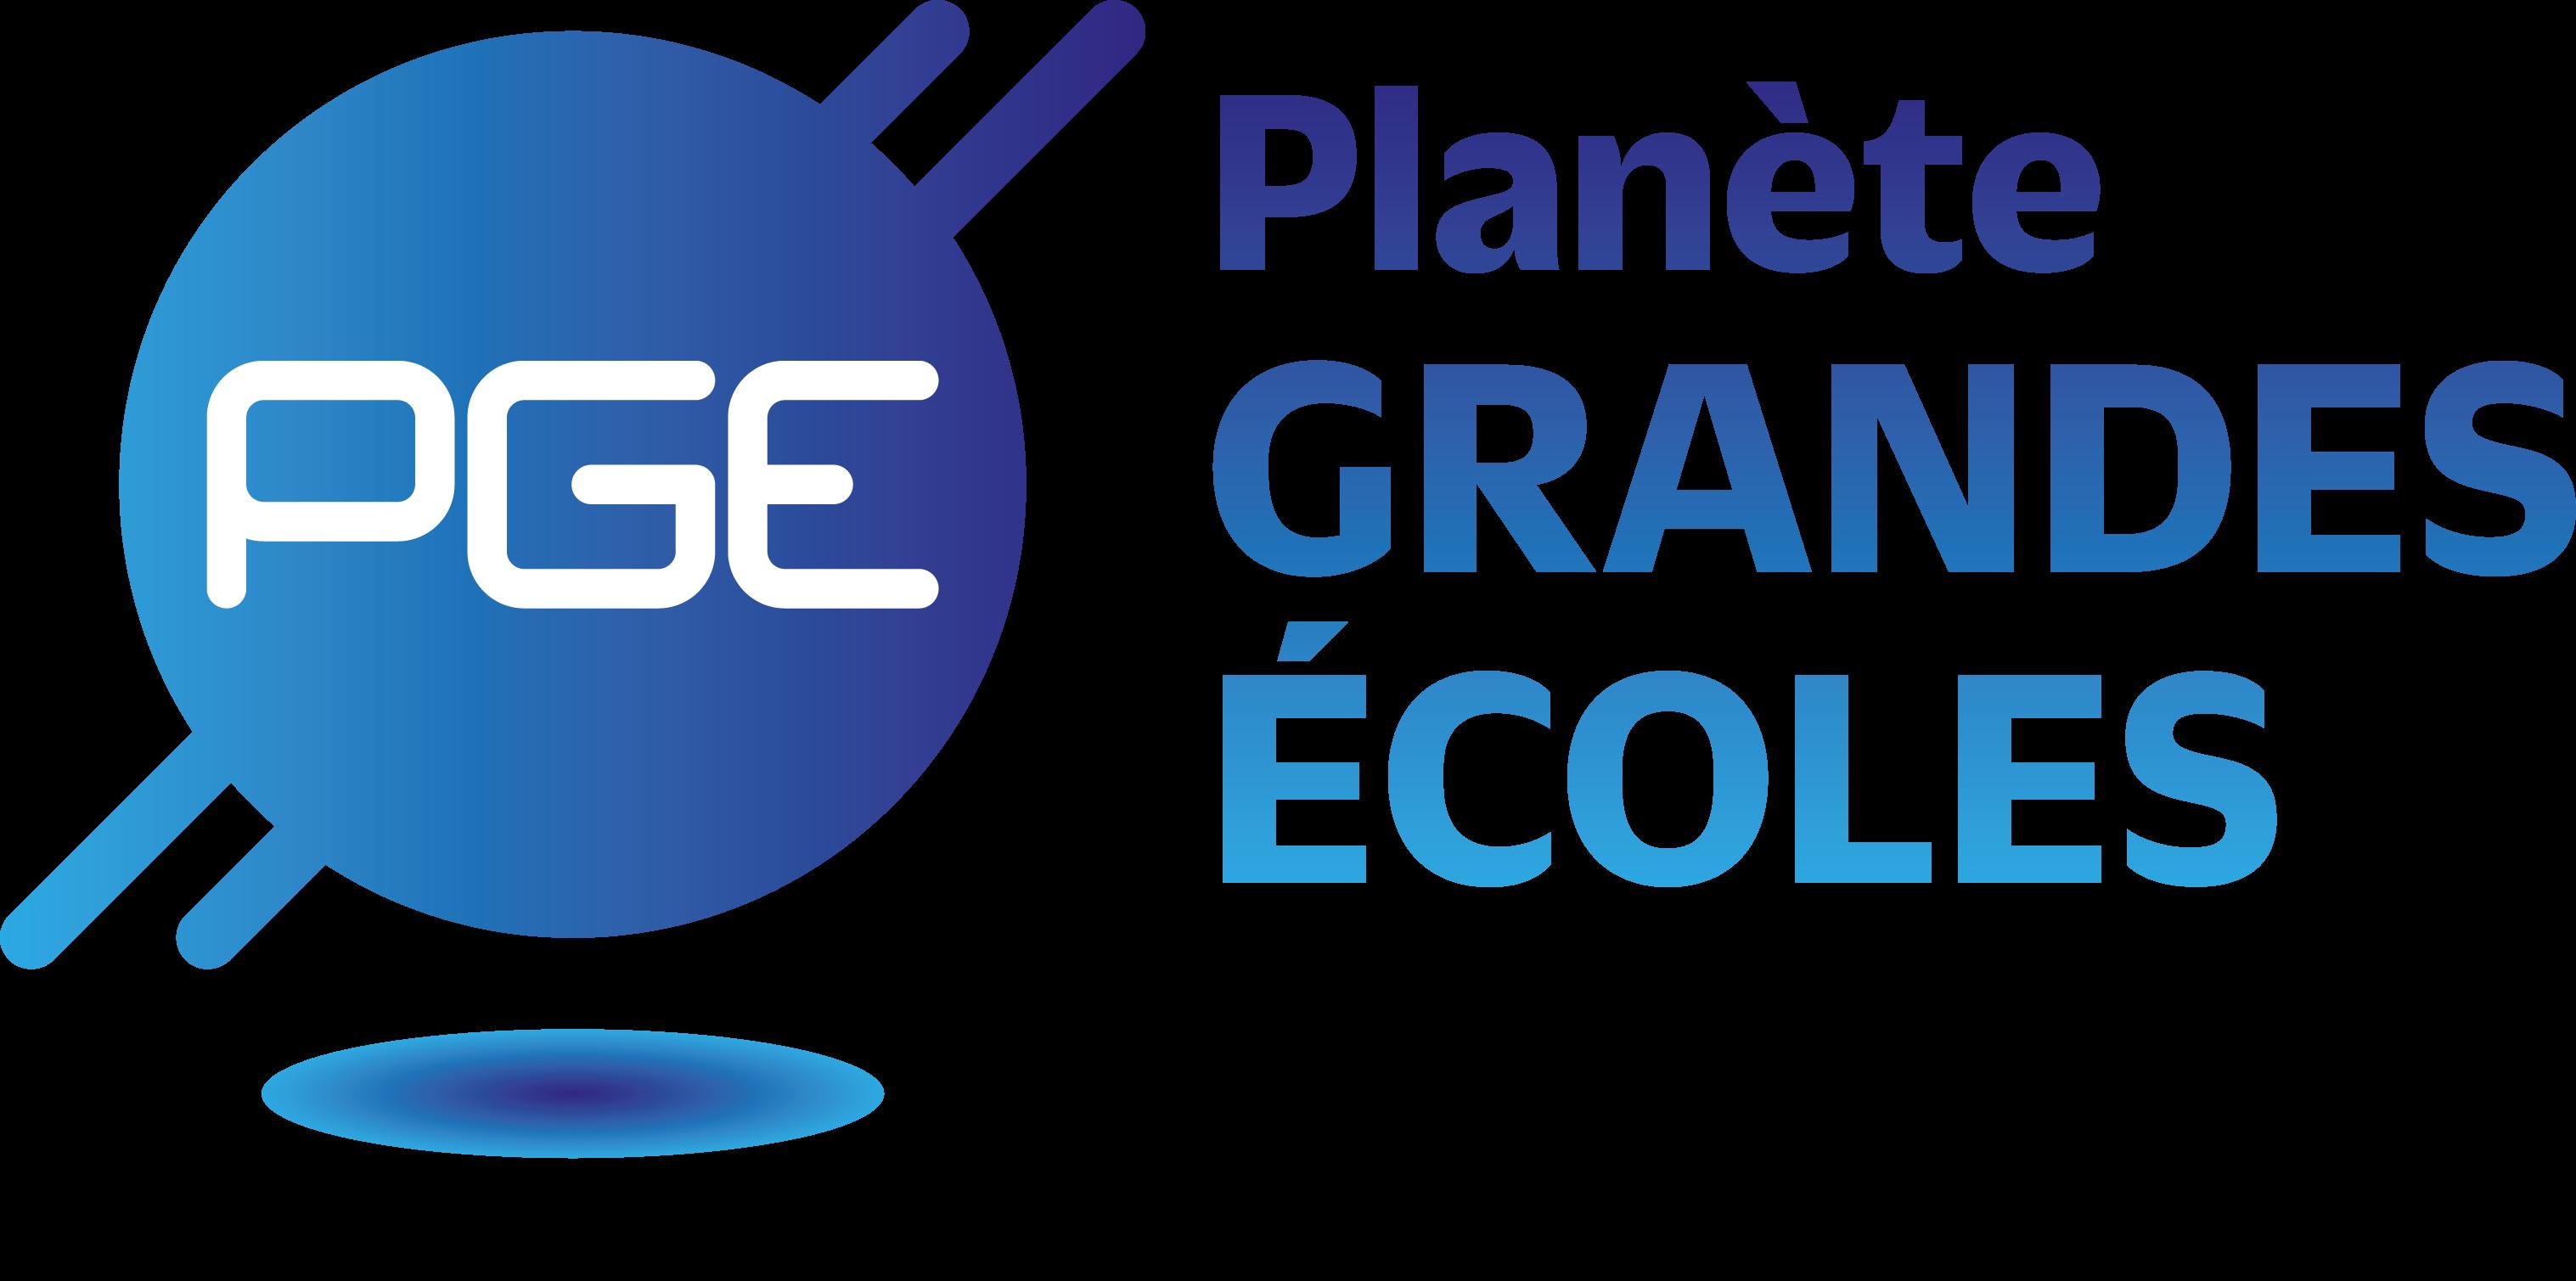 planetegrandesecoles